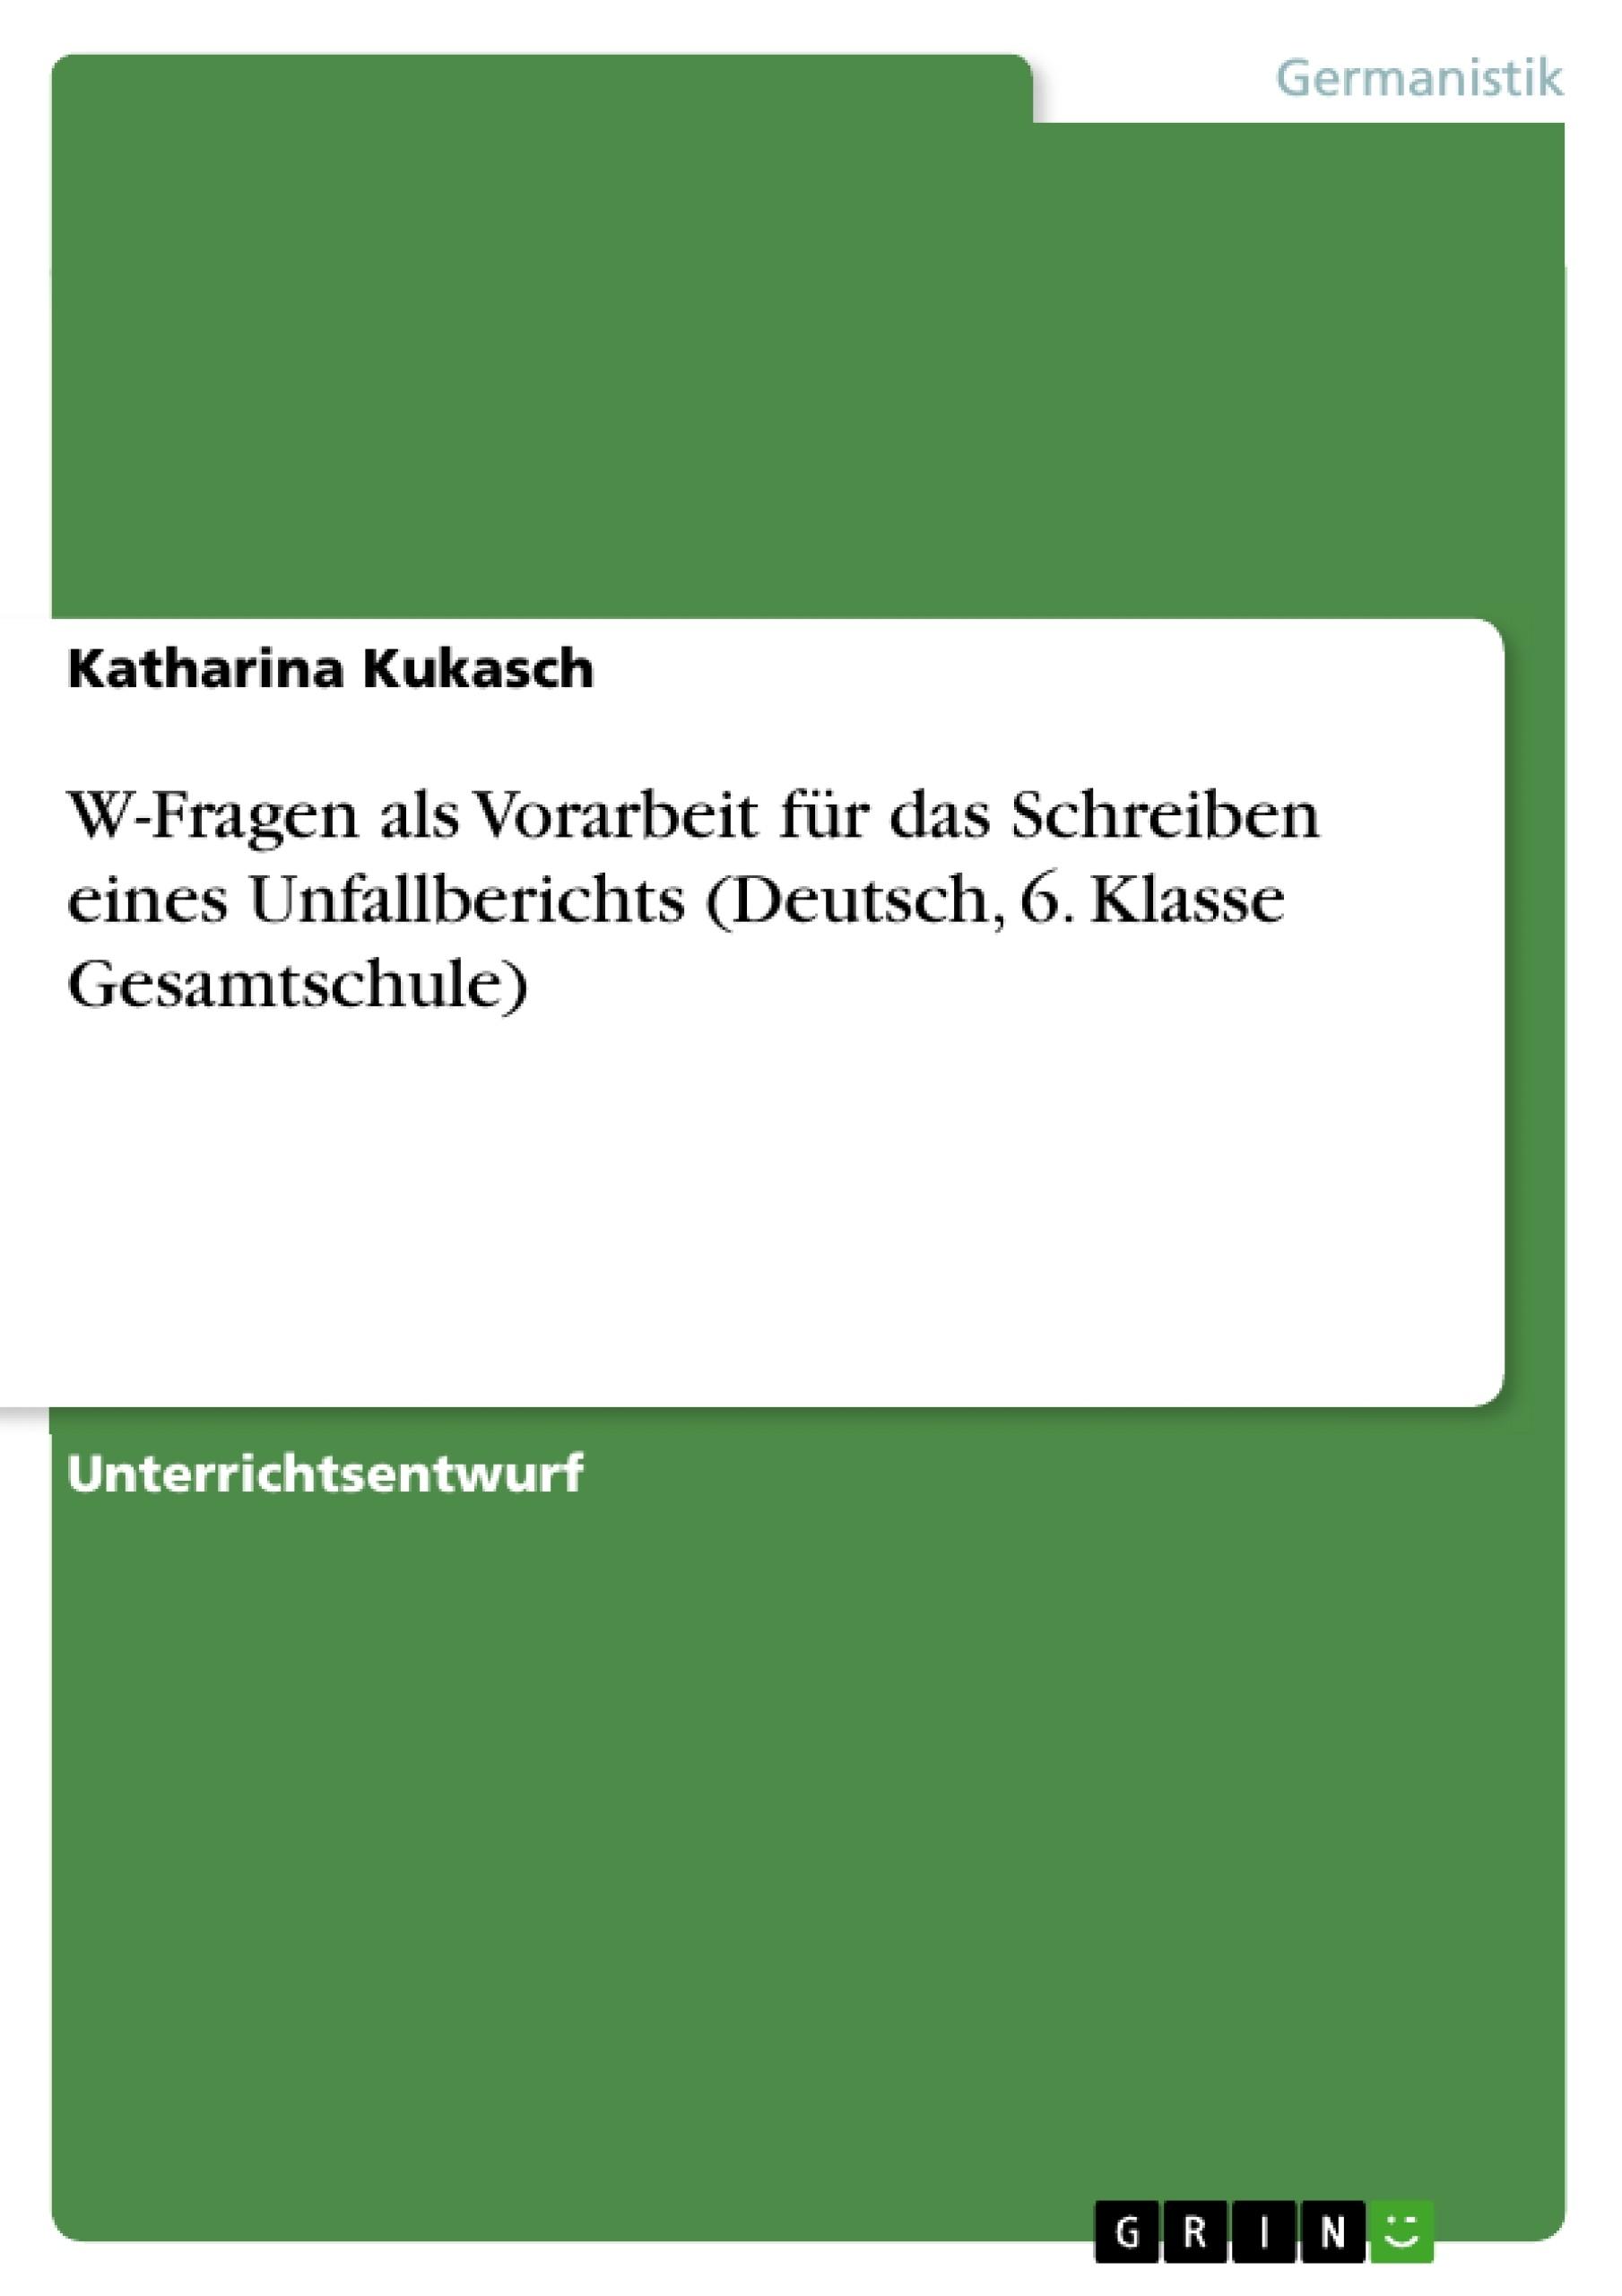 Titel: W-Fragen als Vorarbeit für das Schreiben eines Unfallberichts (Deutsch, 6. Klasse Gesamtschule)